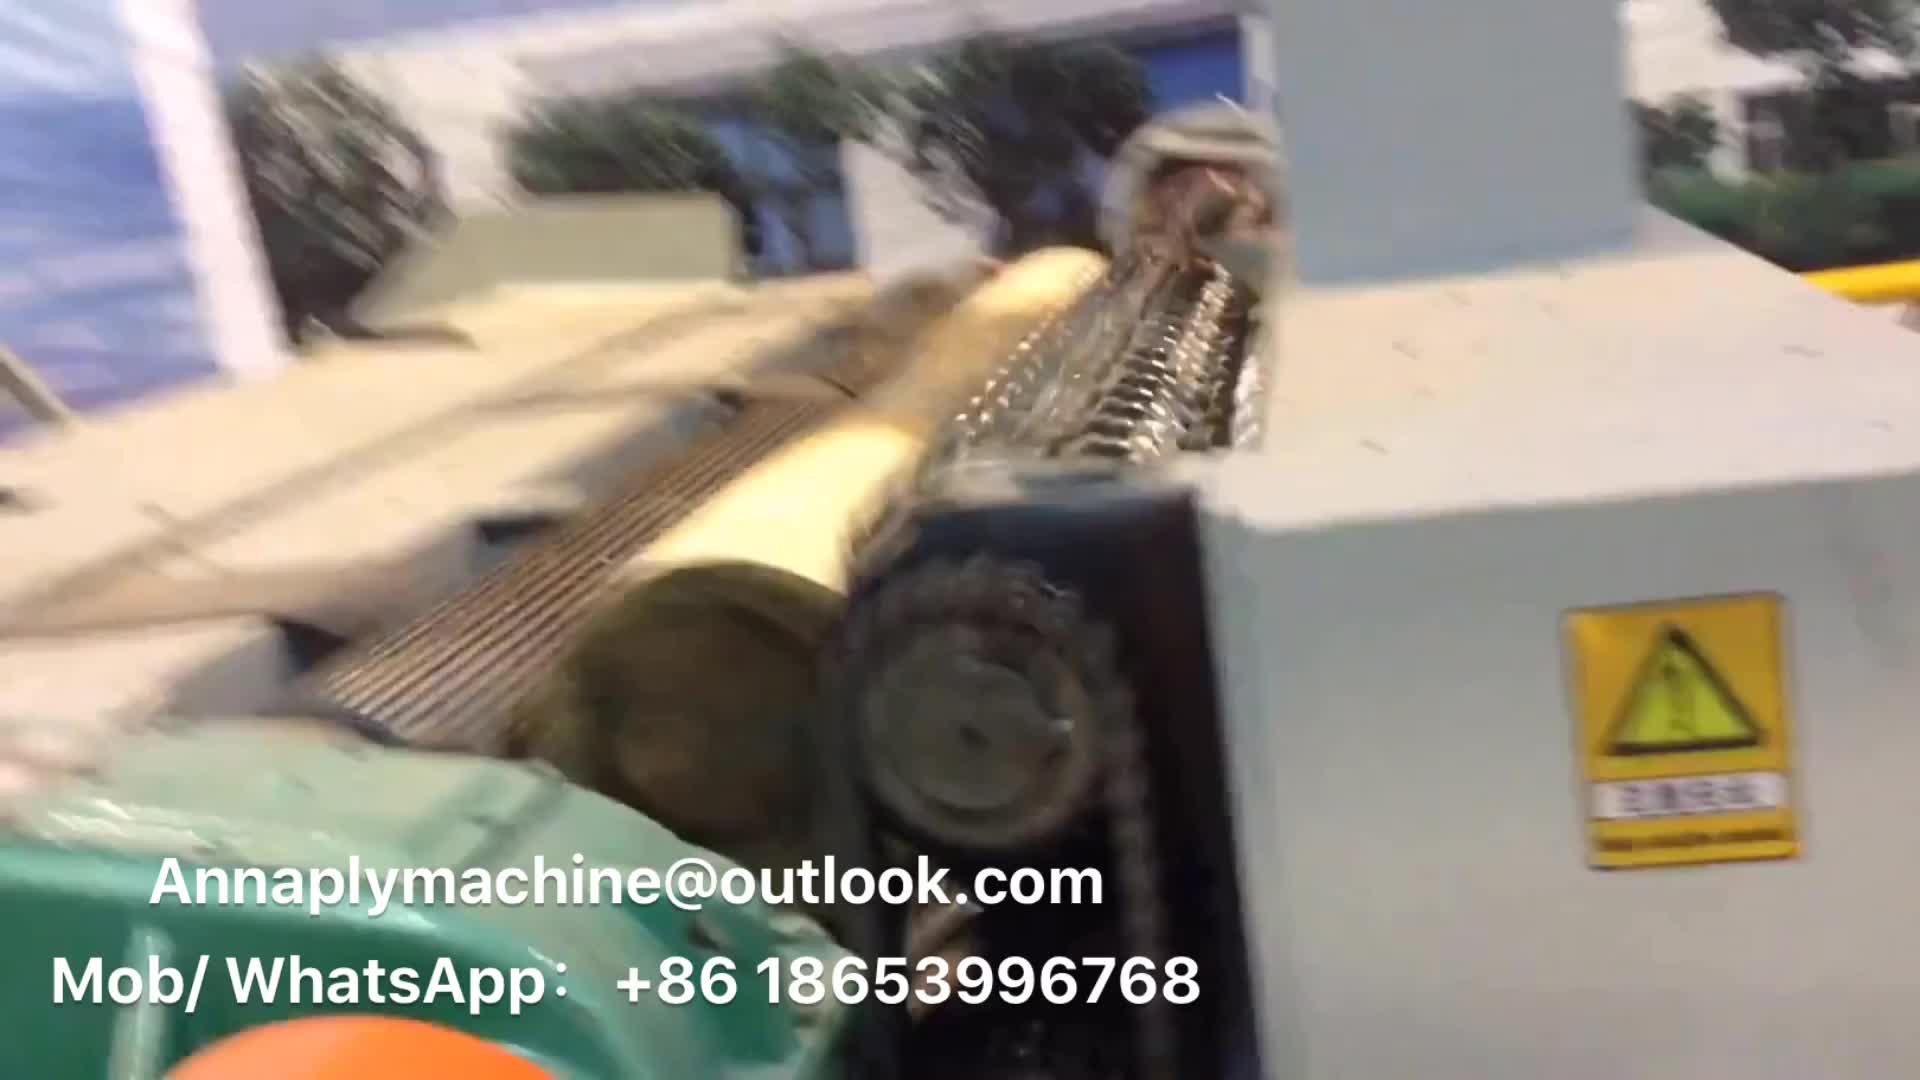 4/8 Piedi Log Debarker per legno compensato/log debarker macchina per la vendita